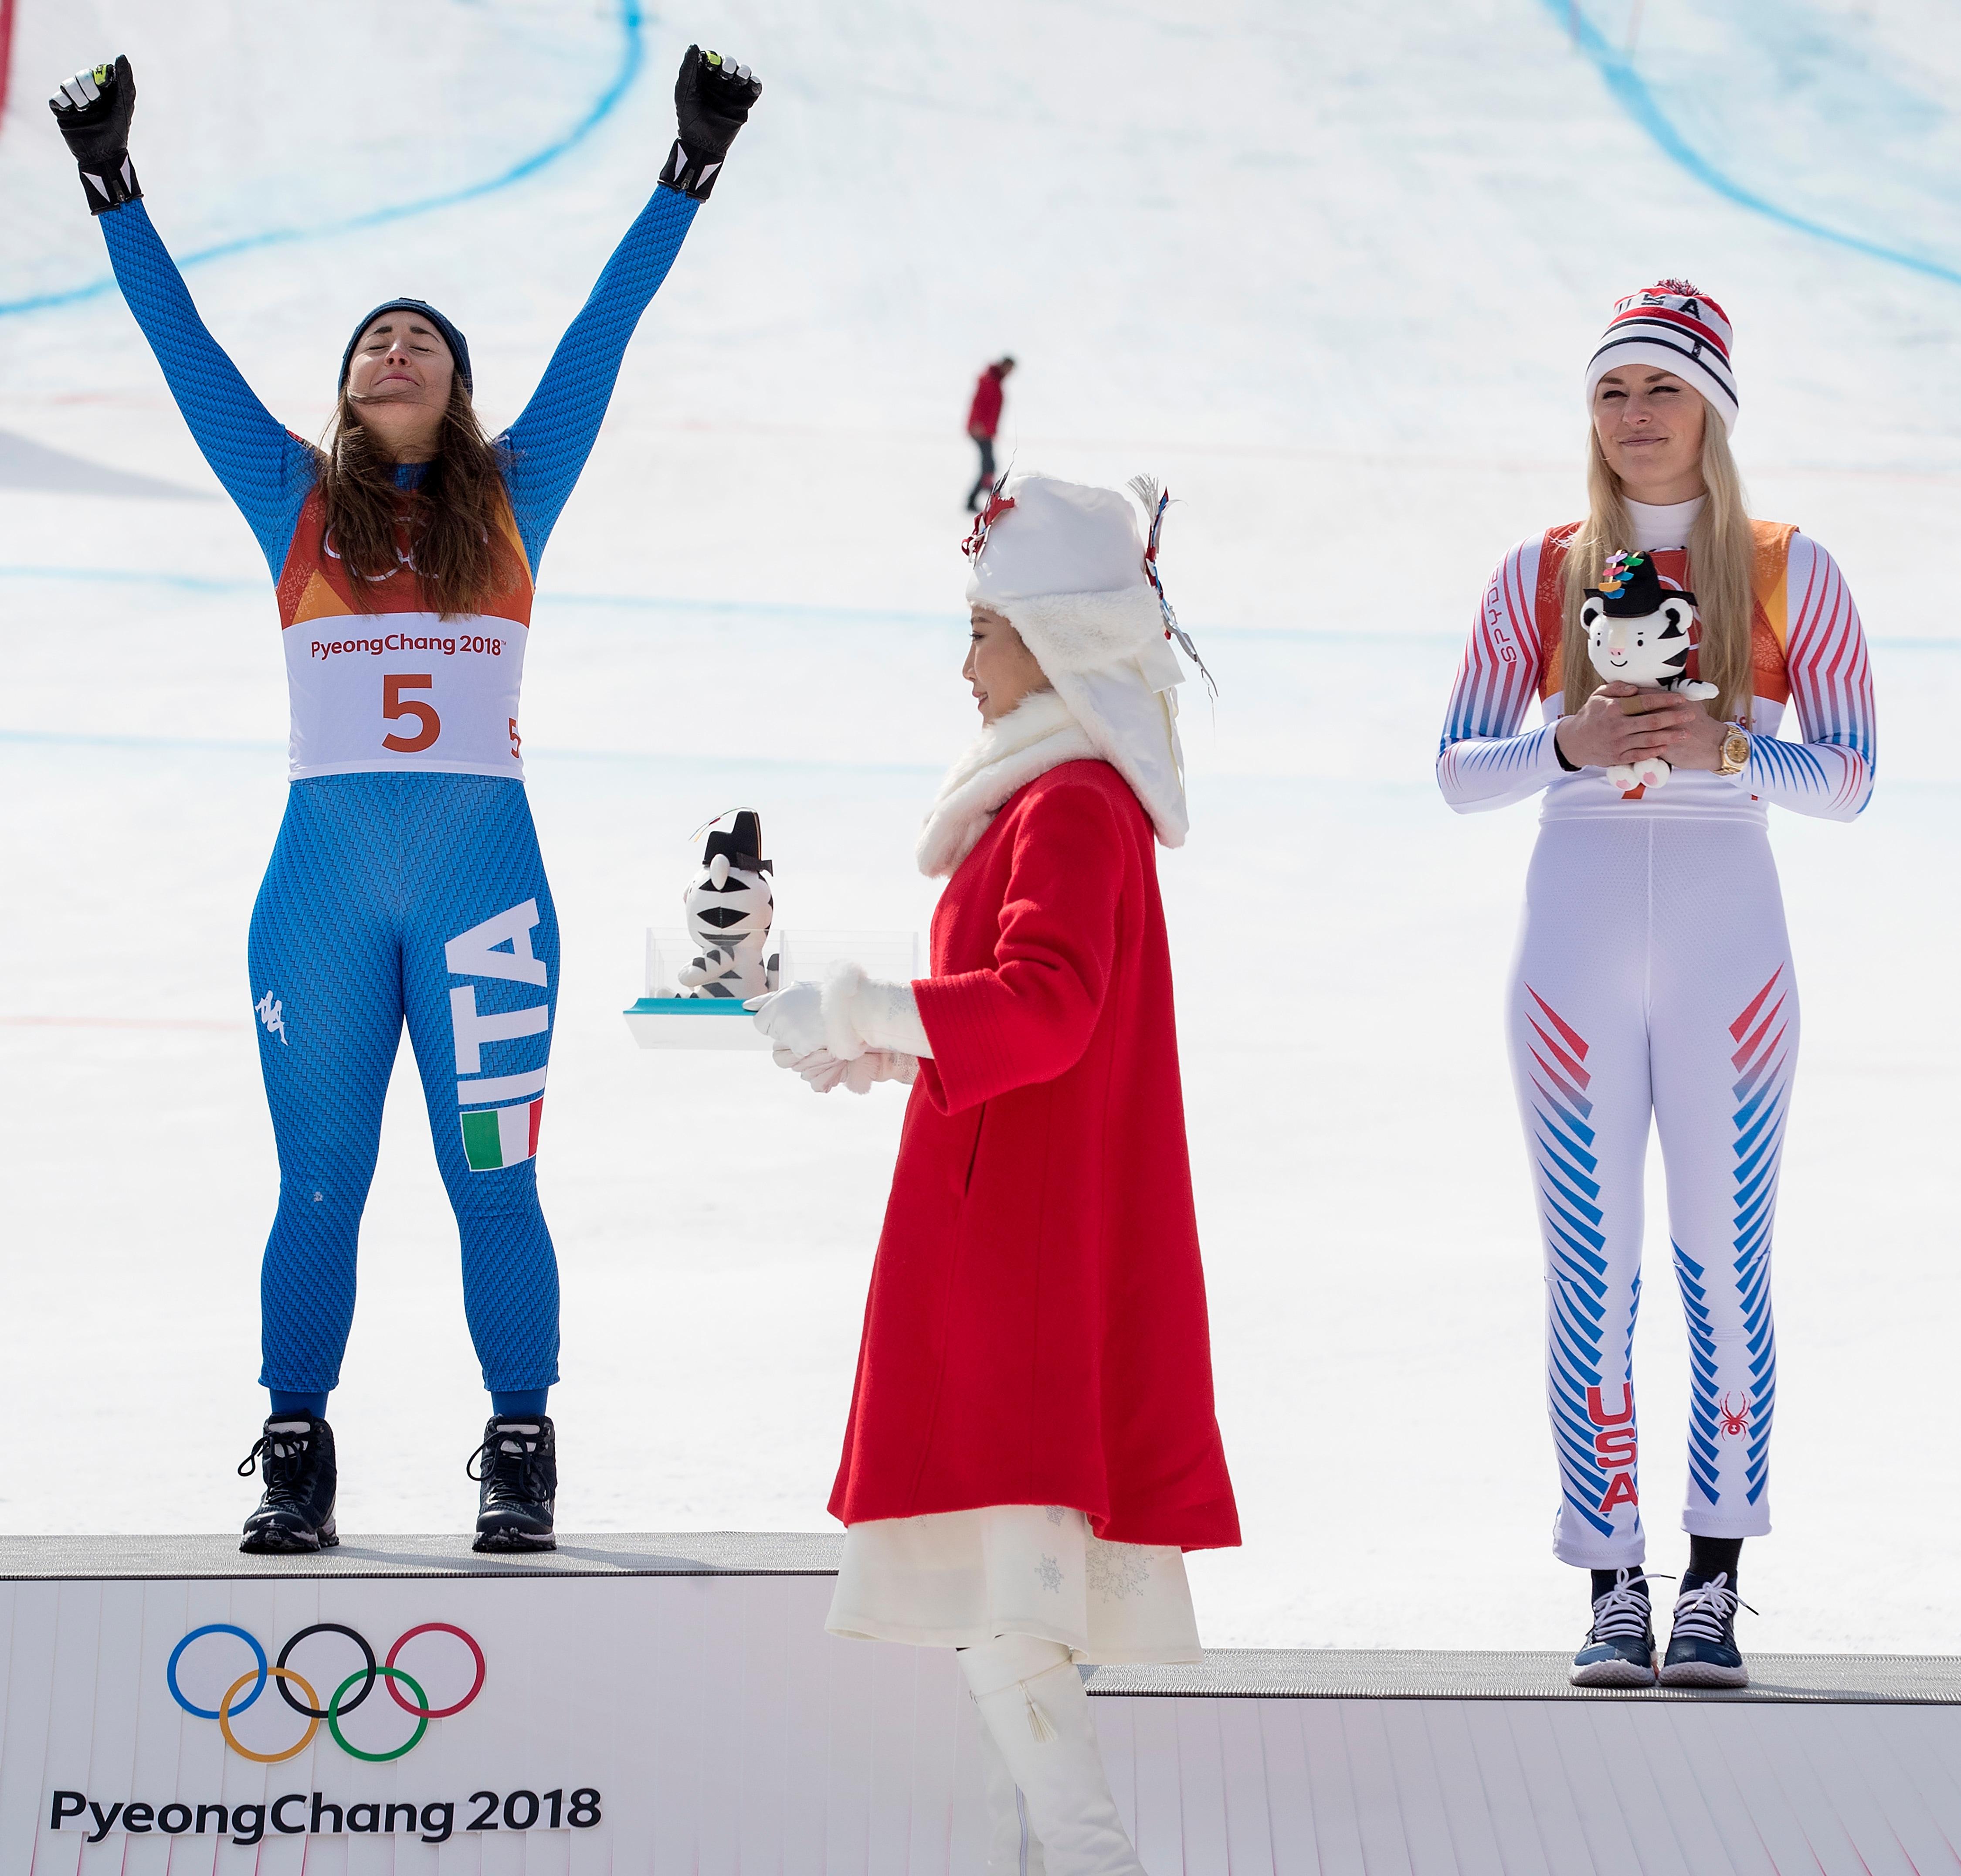 Le foto più belle della sciatrice Sofia Goggia, oro alle Olimpiadi / Image 17